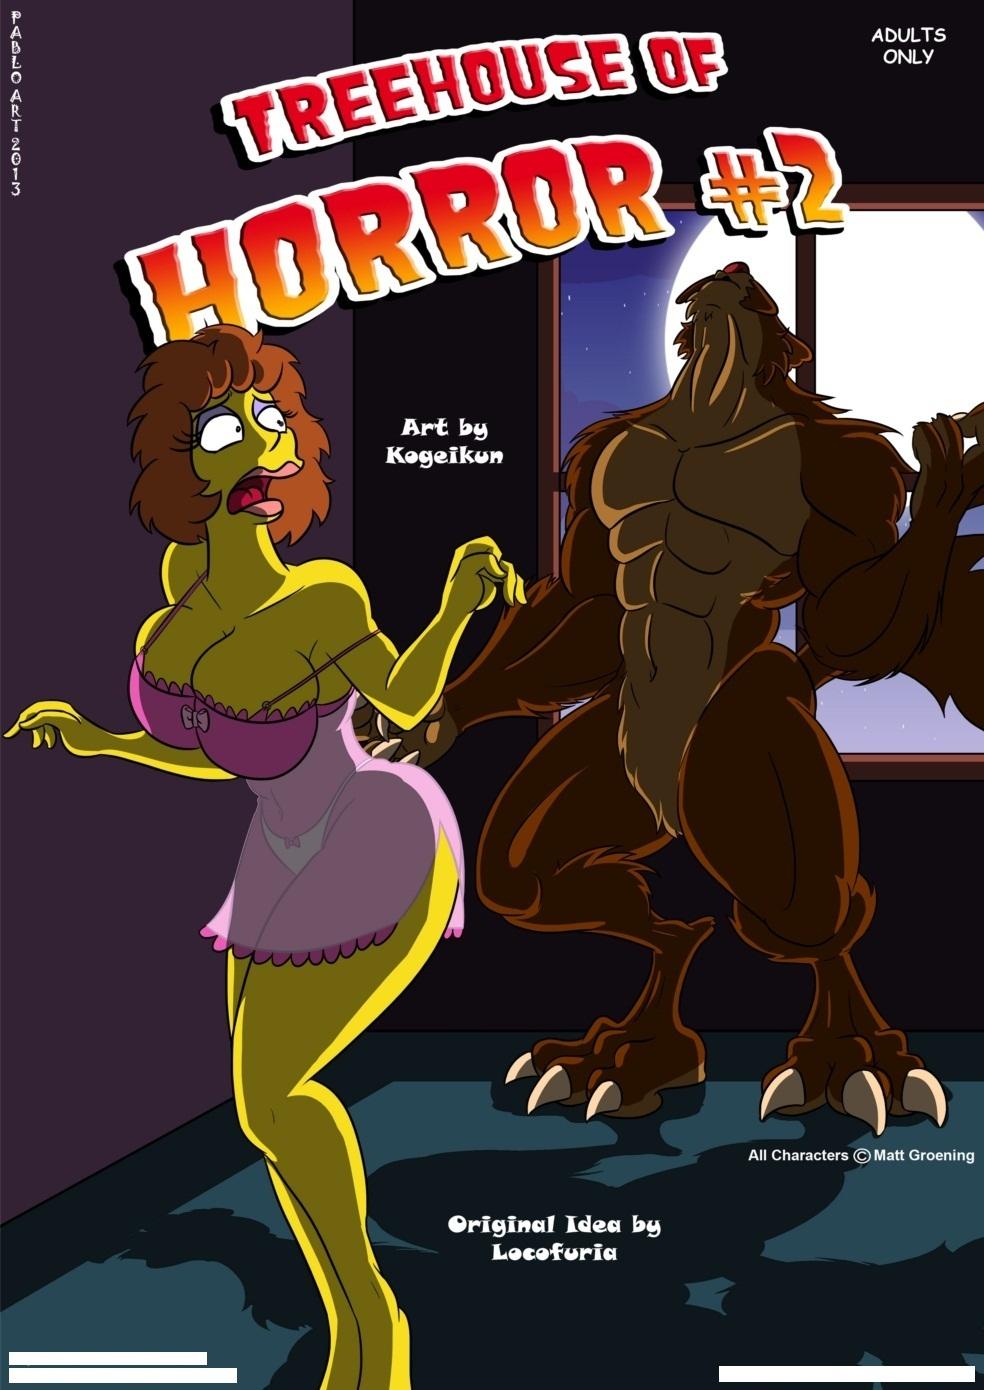 Treehouse-of-Horror-01.jpg